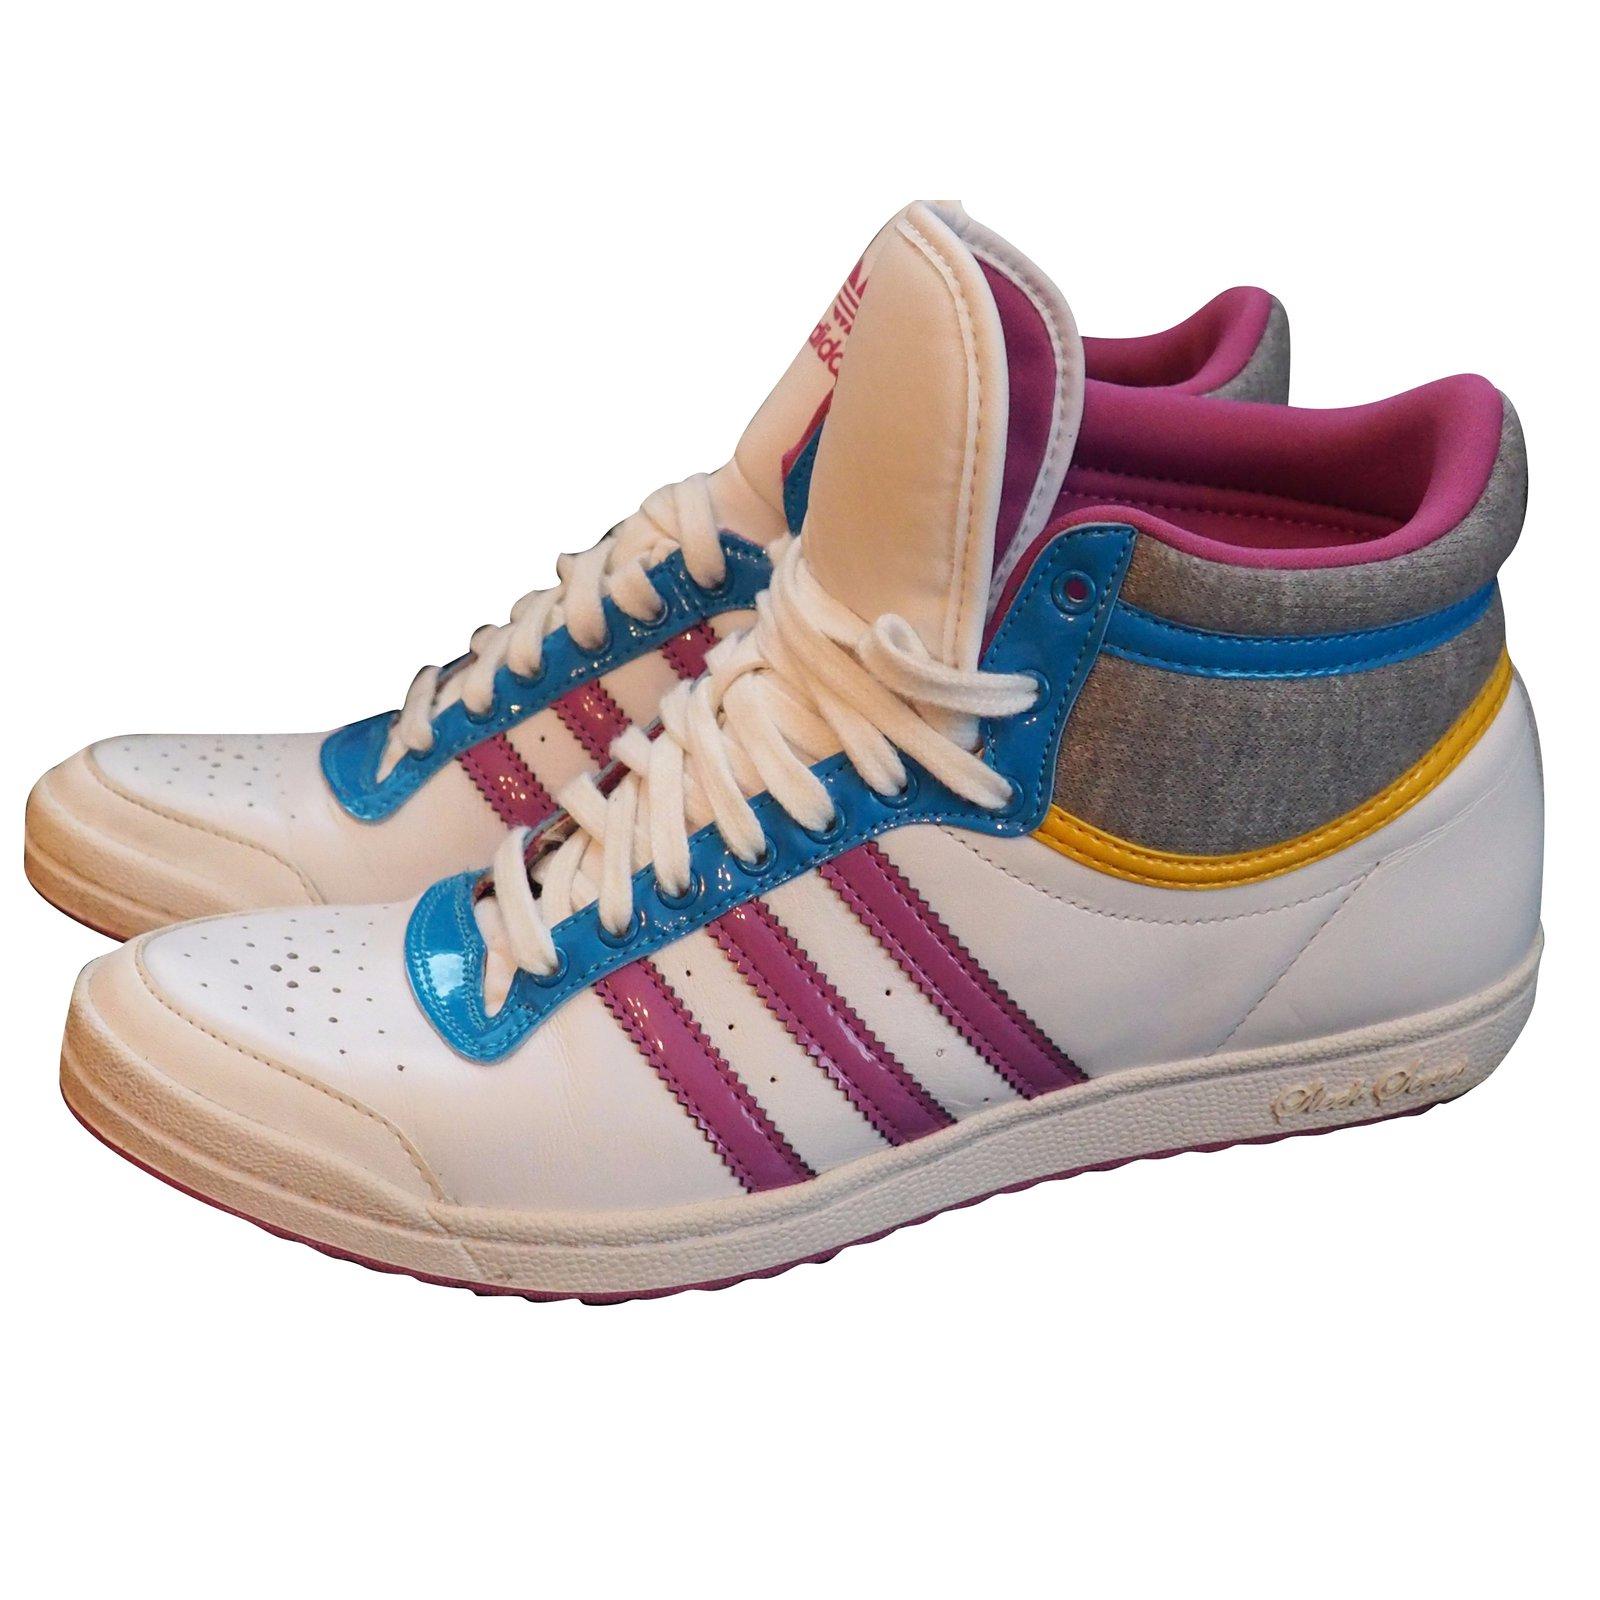 874d96f42 Adidas Sleek Series Sneakers Sneakers Leather White ref.54007 - Joli ...